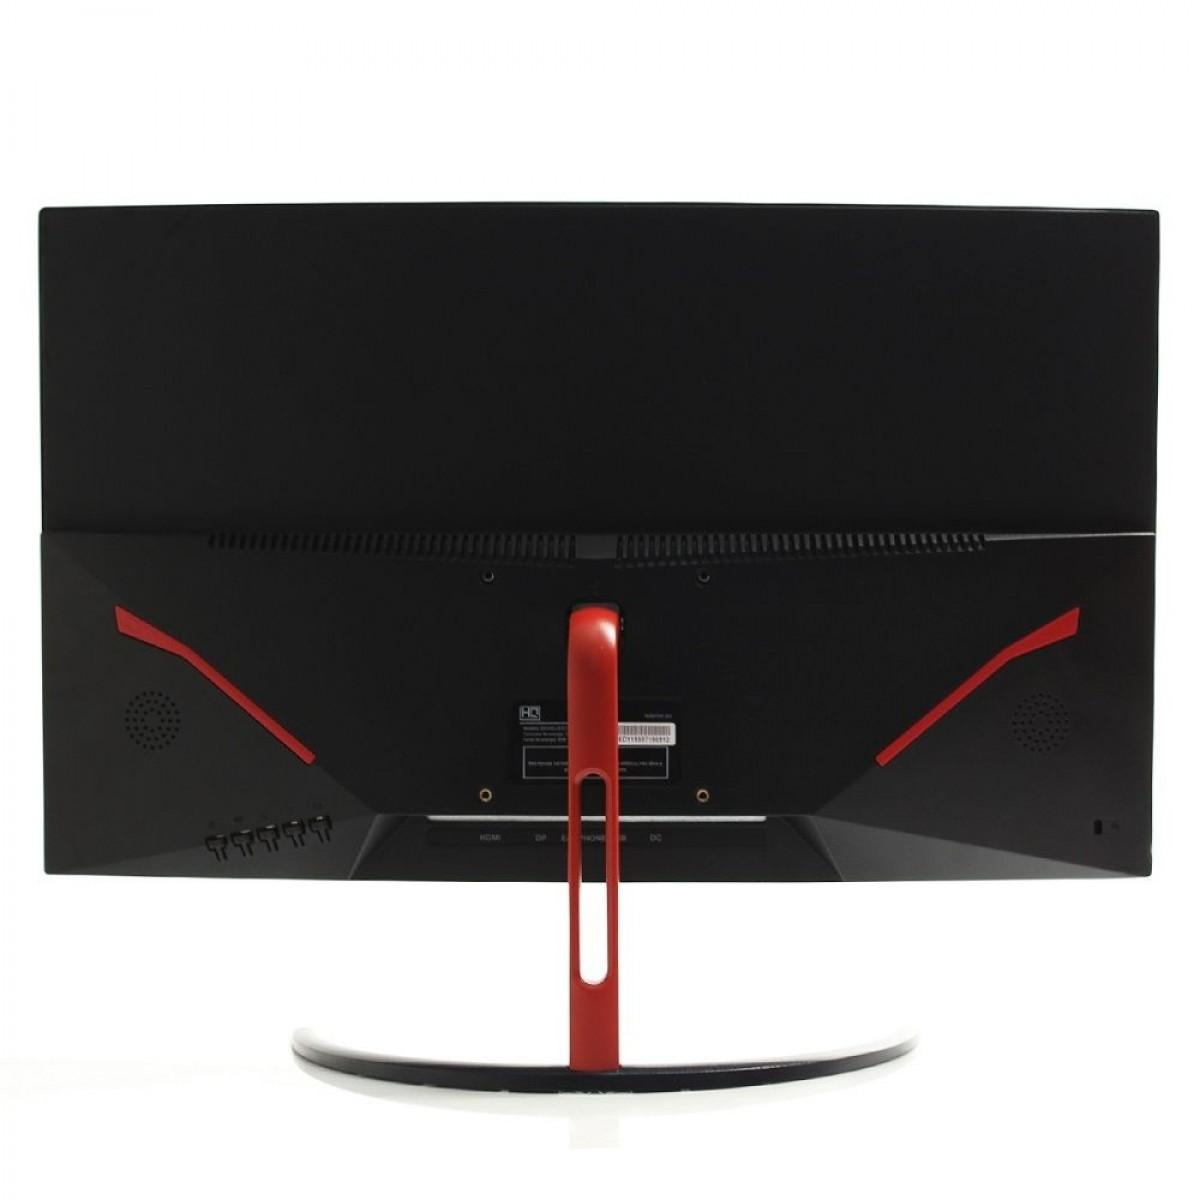 Monitor Gamer HQ Curvo 24 Pol, Full HD, 144Hz, 1ms, Freesync, HDMI, Display Port